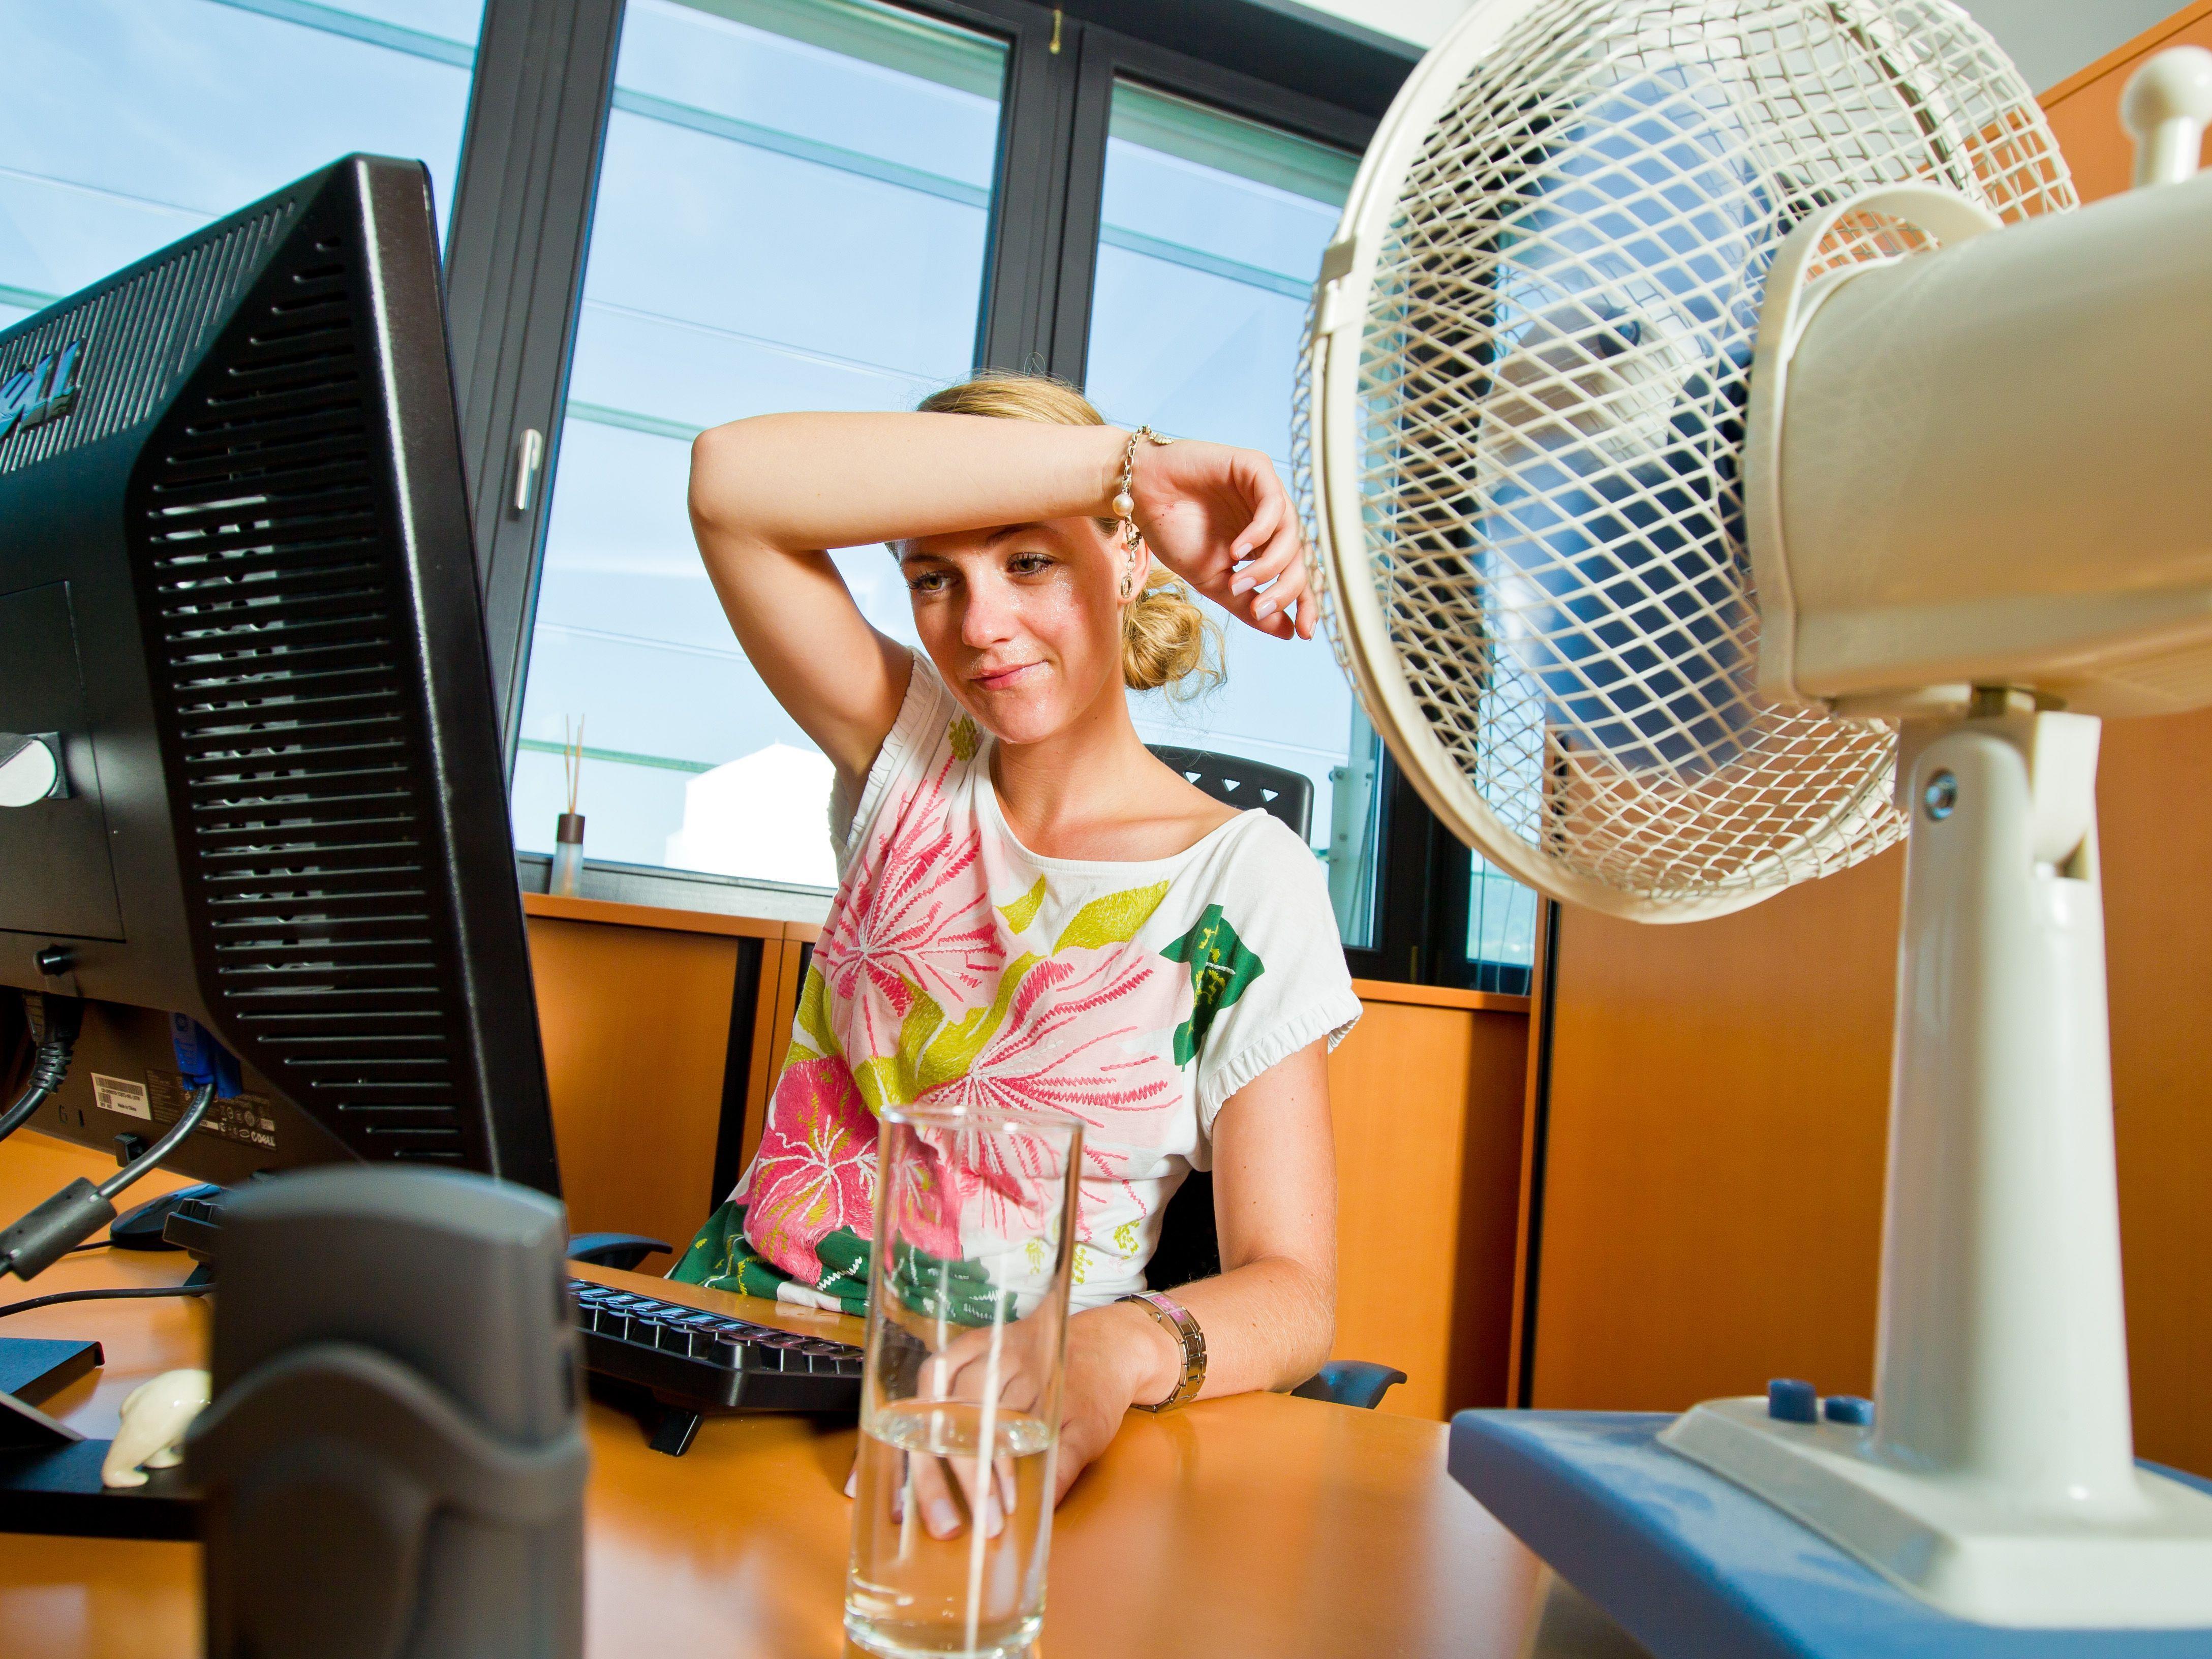 Die Hitze macht vielen Menschen zu schaffen, vor allem bei der Arbeit.